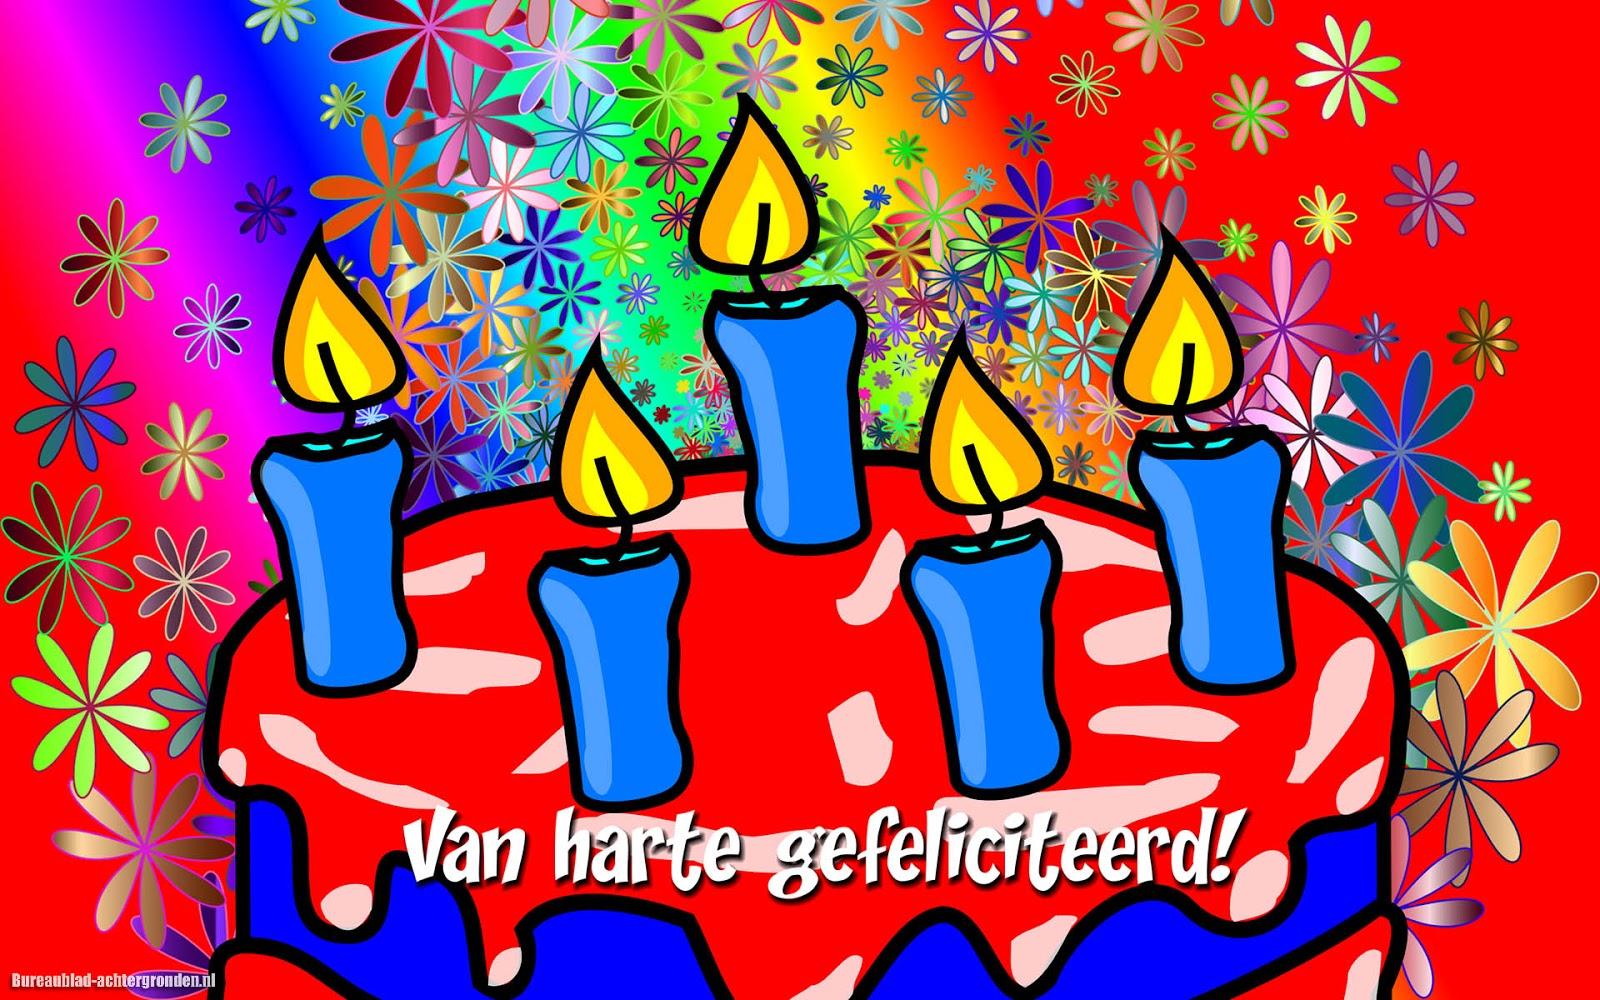 Verjaardagsteksten zoals van harte gefeliciteerd met